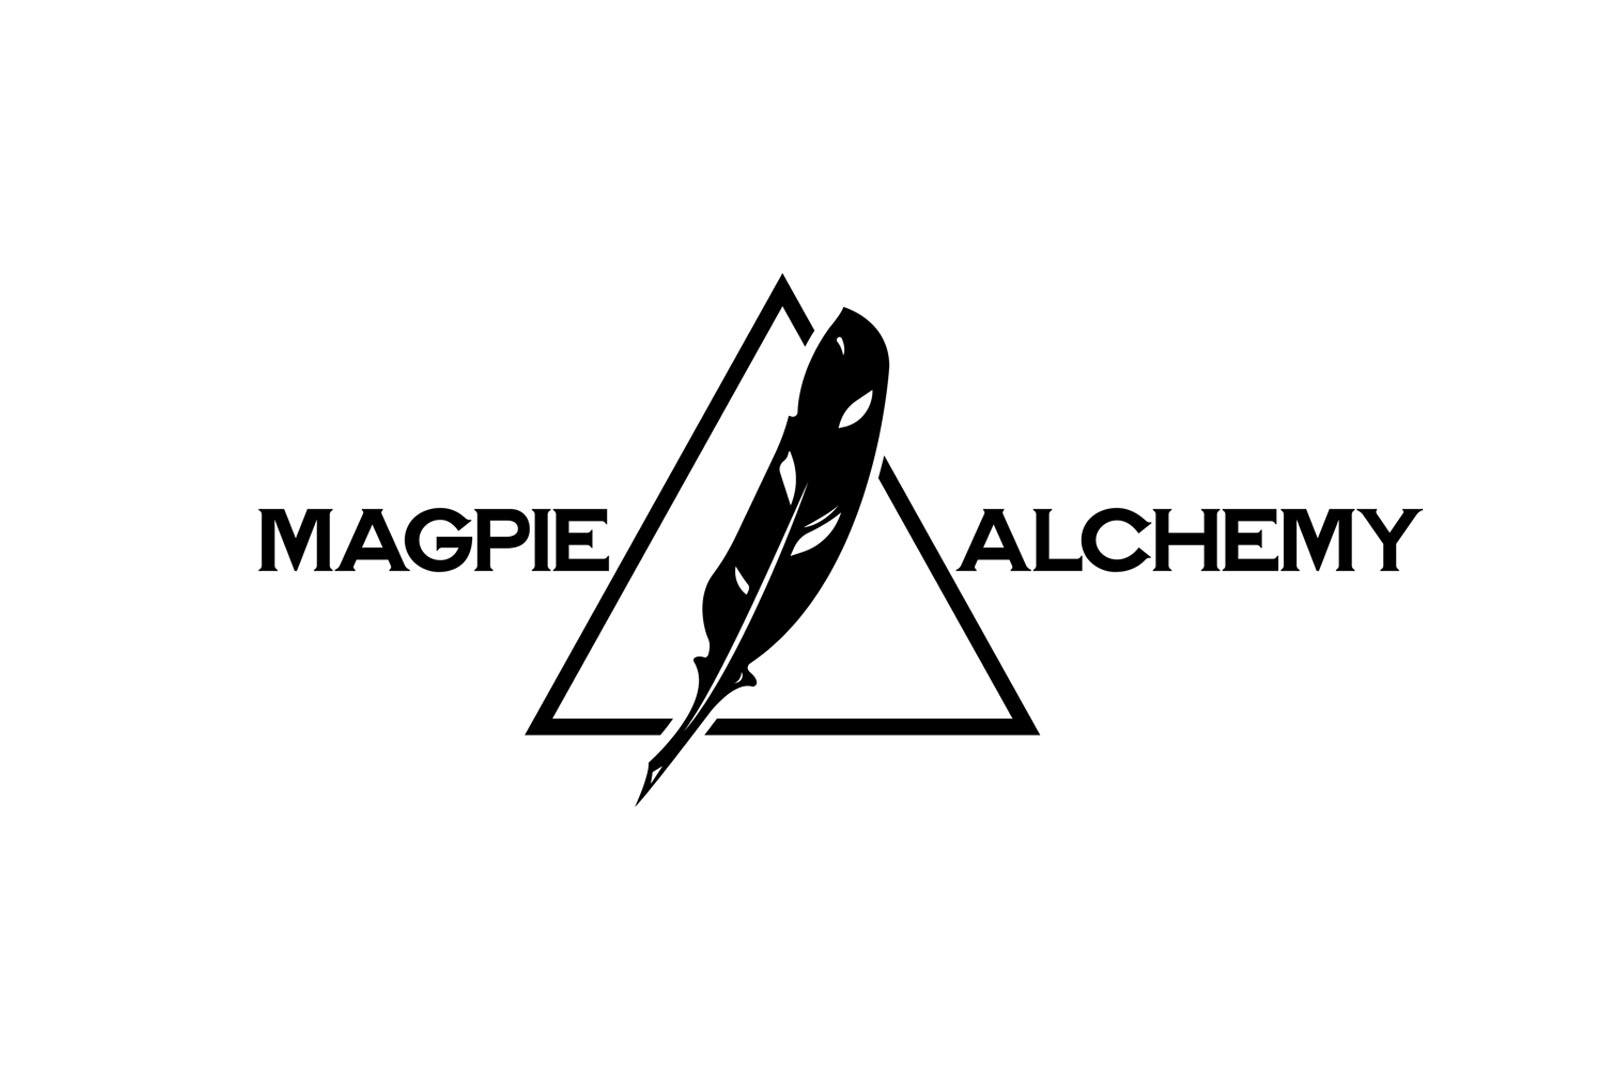 Magpie_Alchemy_logo_mock_0003_Layer 4